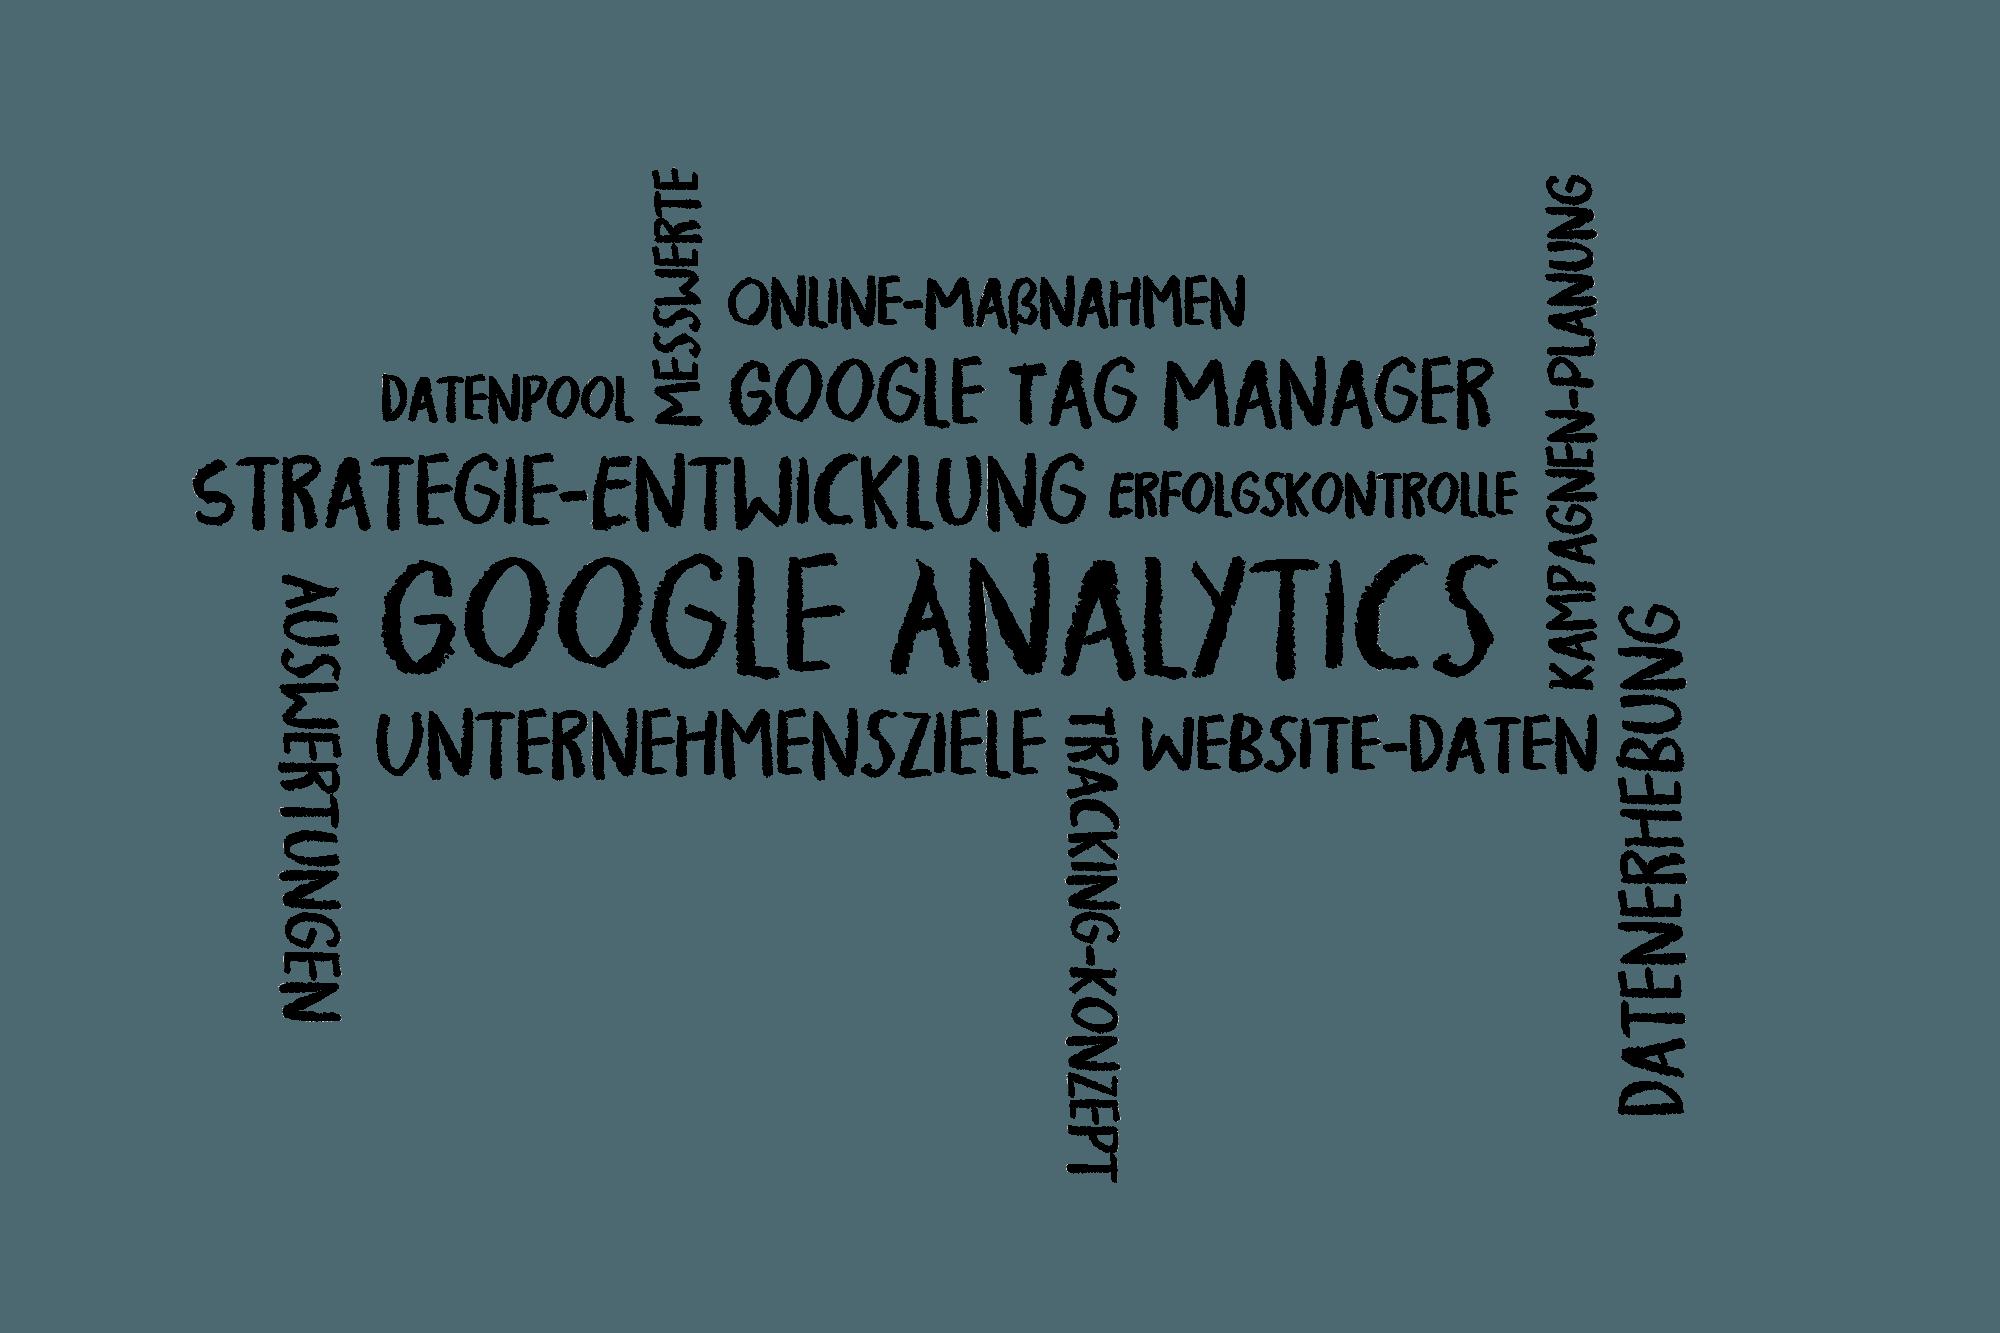 Wortwolke als Tafelbild zum Thema Webanalyse Agentur